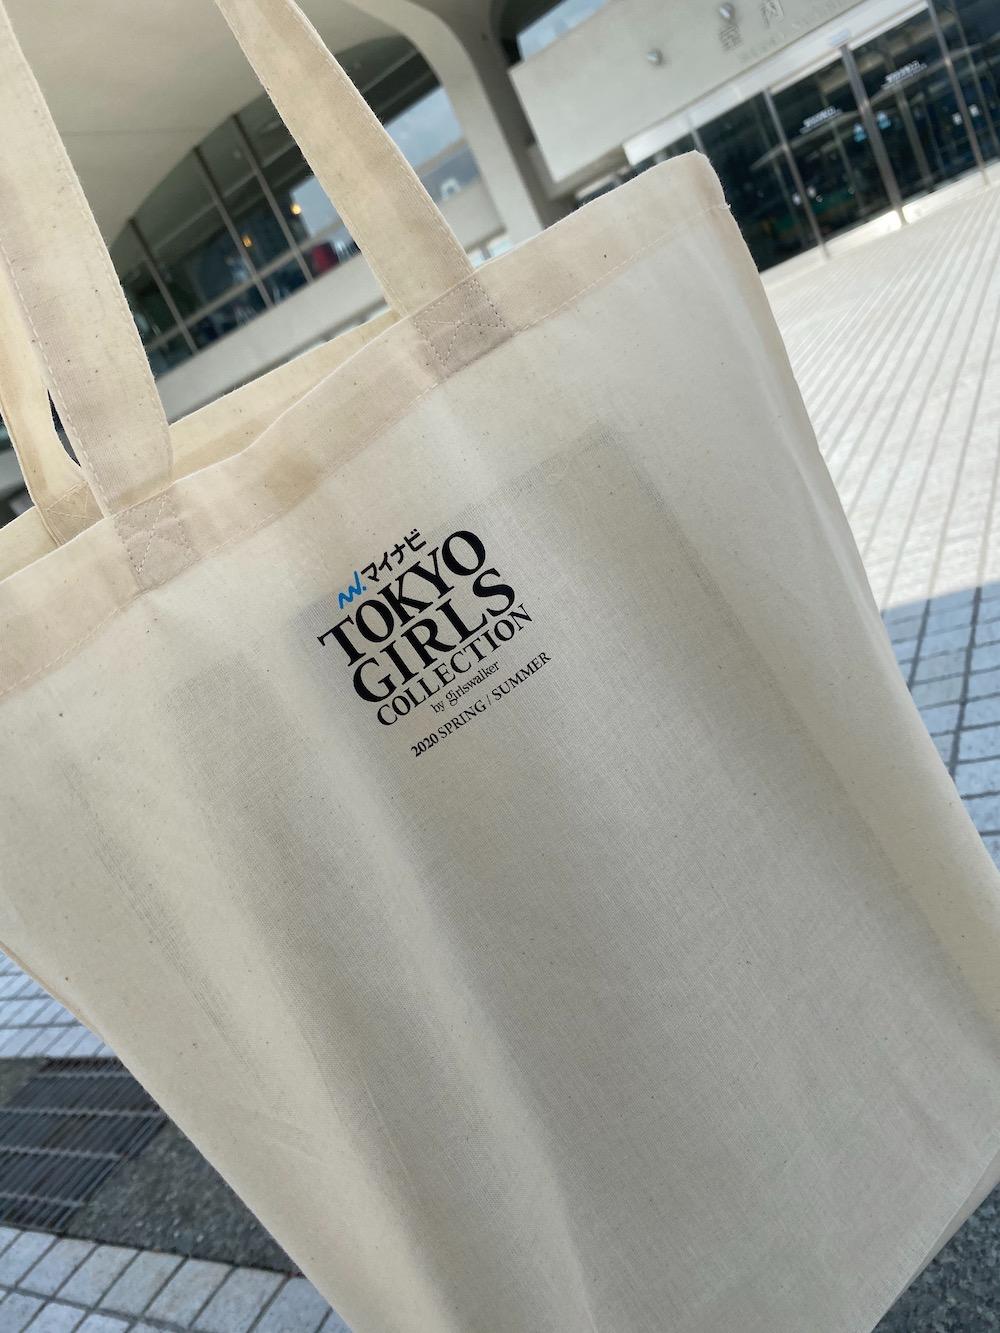 『第 30 回 マイナビ東京ガールズコレクション 2020 SPRING/ SUMMER』でのエコバック/ACTRESS PRESS編集部